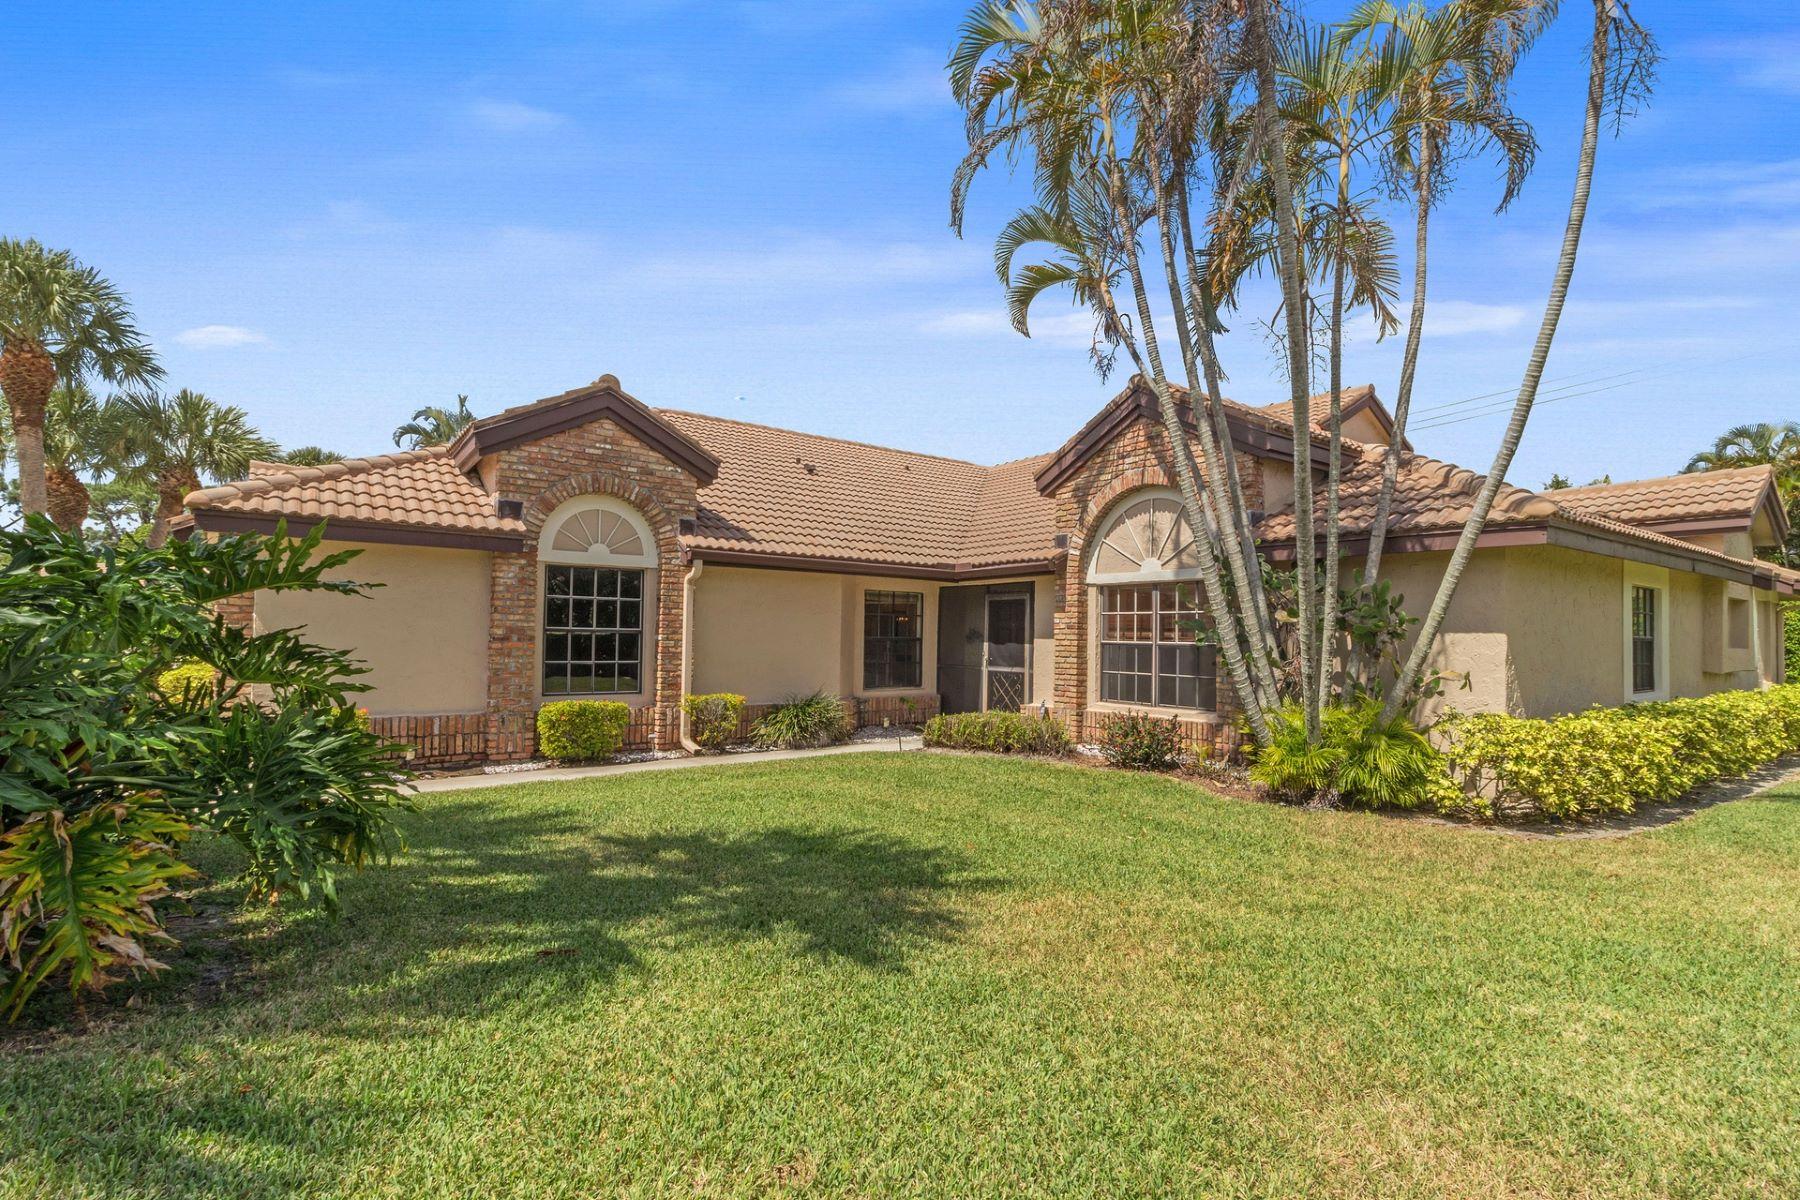 タウンハウス のために 売買 アット 8062 Cassia Dr 8062 Cassia Dr Boynton Beach, フロリダ 33472 アメリカ